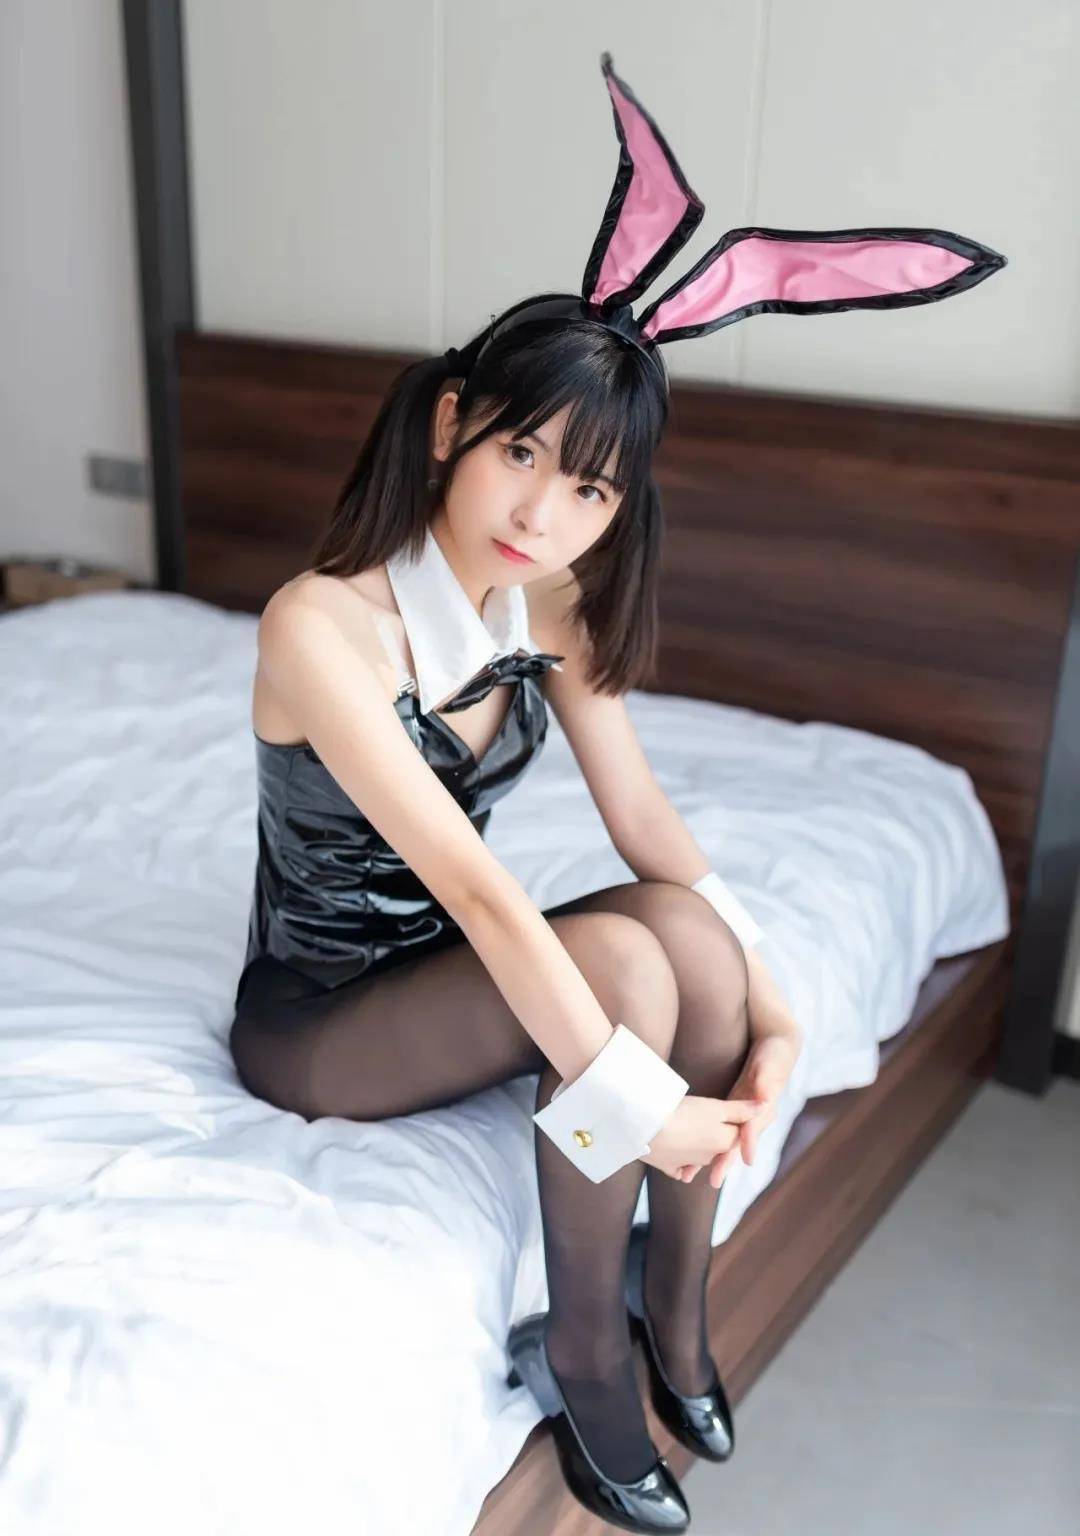 【COSPLAY美女】勾人的兔女郎黑色丝袜 喵糖映画 VOL.090 星野兔女郎 [47P-297MB]